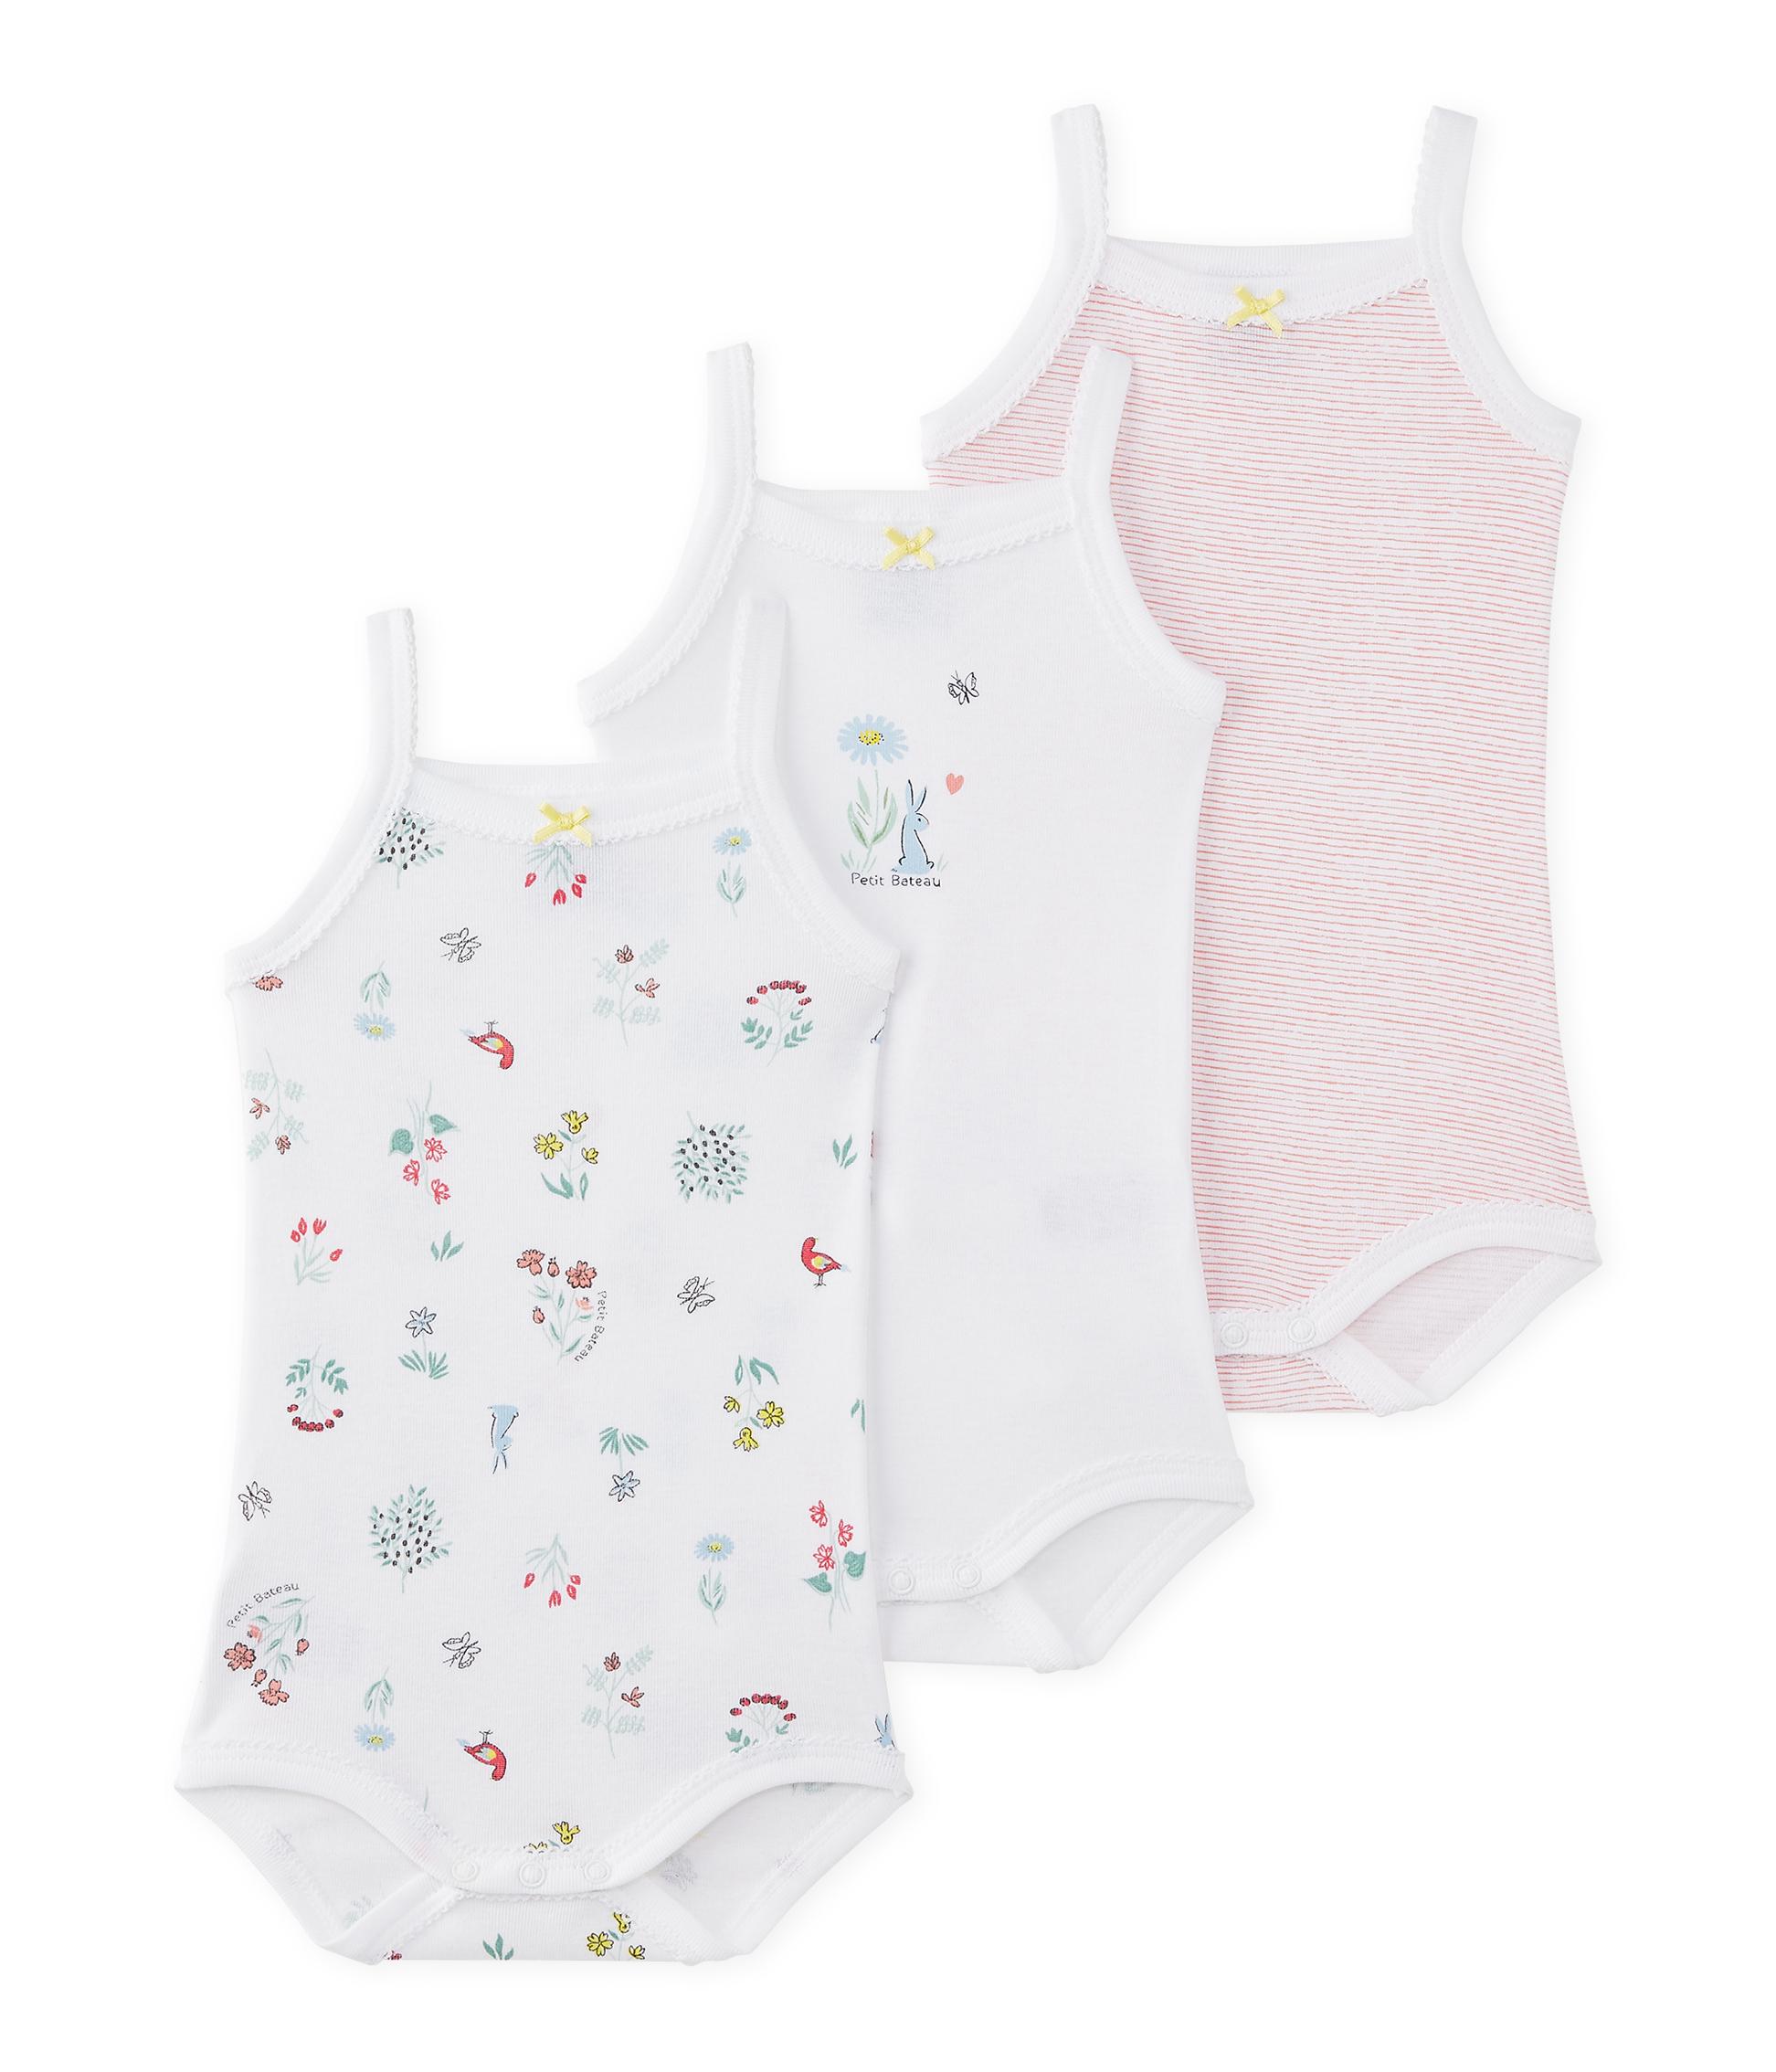 Petit Bateau Girls Vest Pack of 3